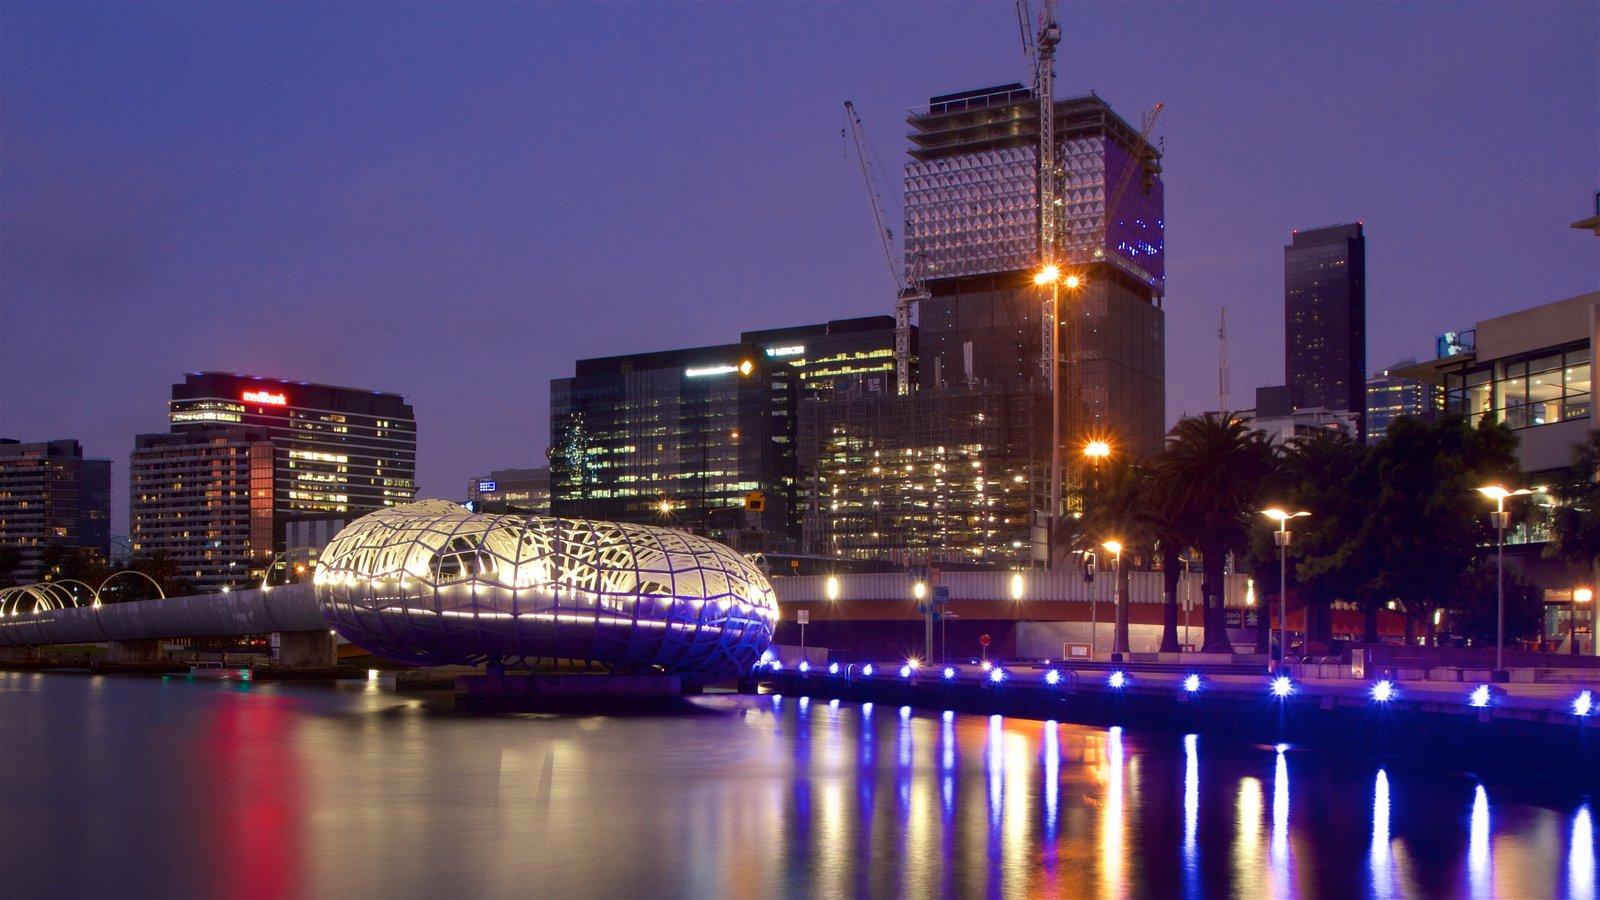 Docklands que incluye un río o arroyo y distrito financiero central